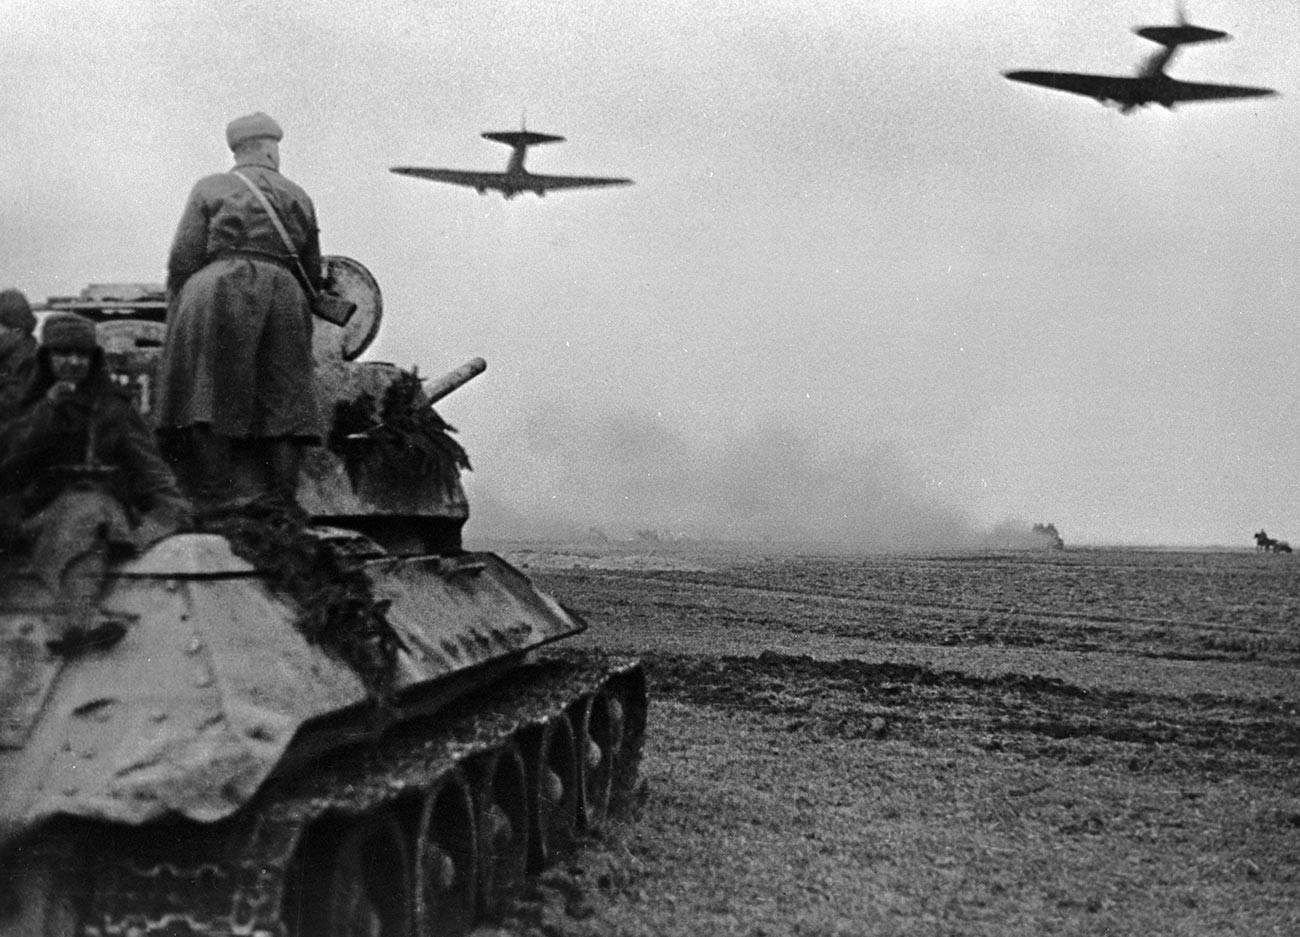 ブレスラウ(現ヴロツワフ)近郊のソビエト軍の攻撃。1945年3月。